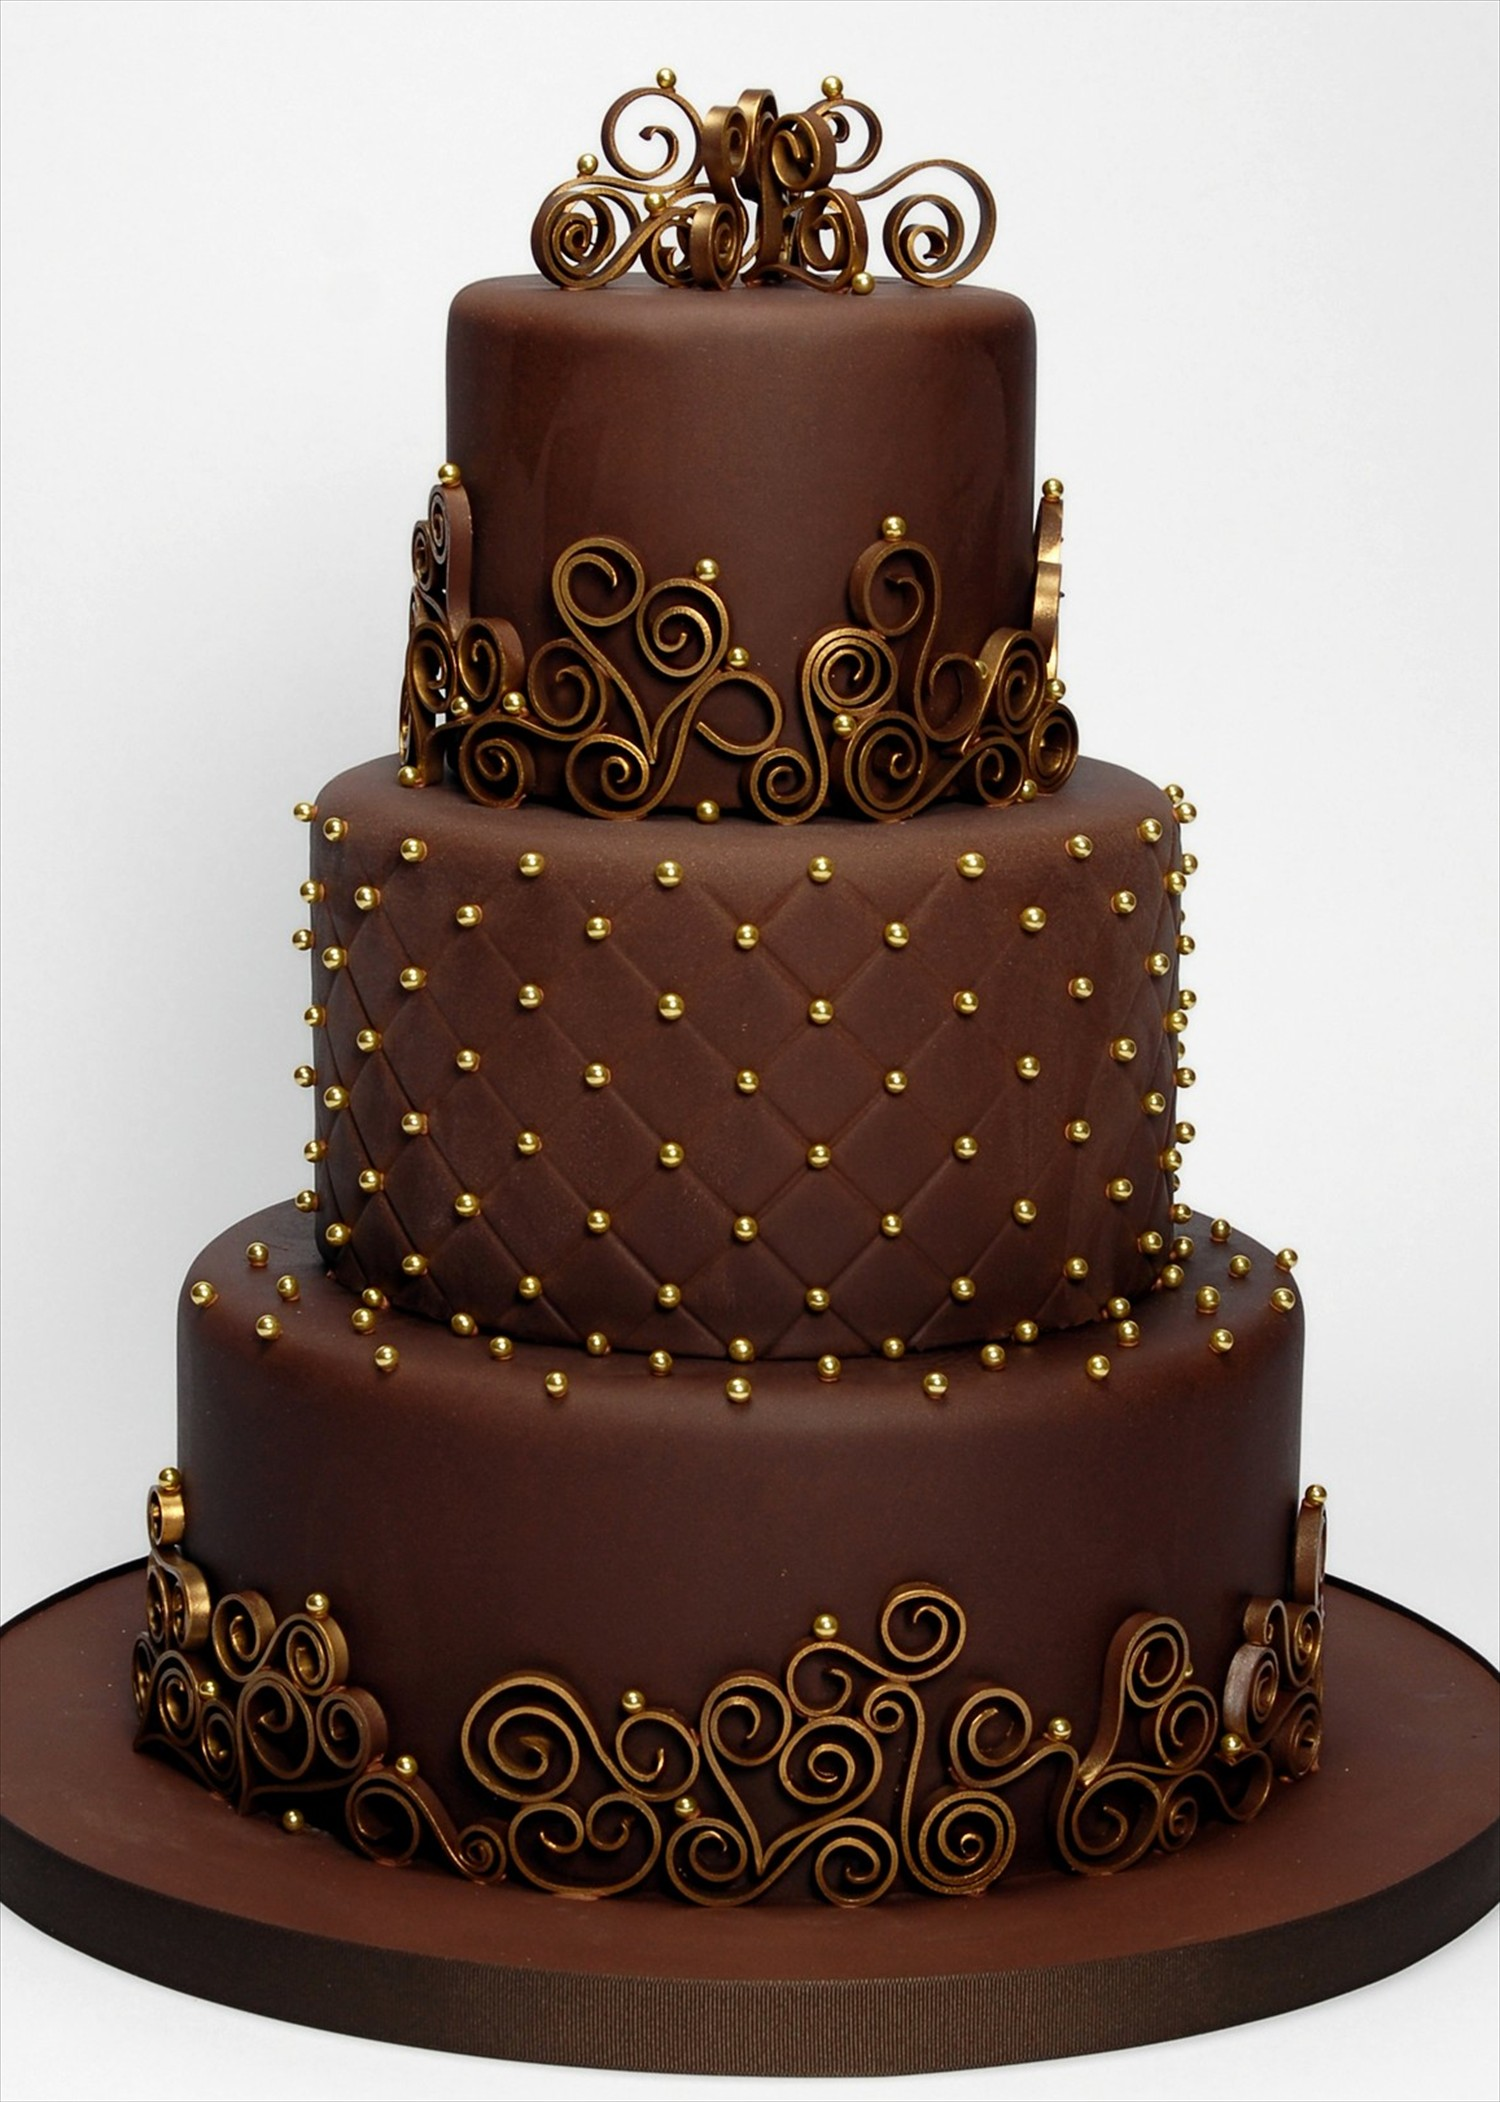 Tort weselny - ceny i zdj?cia tortow weselnych